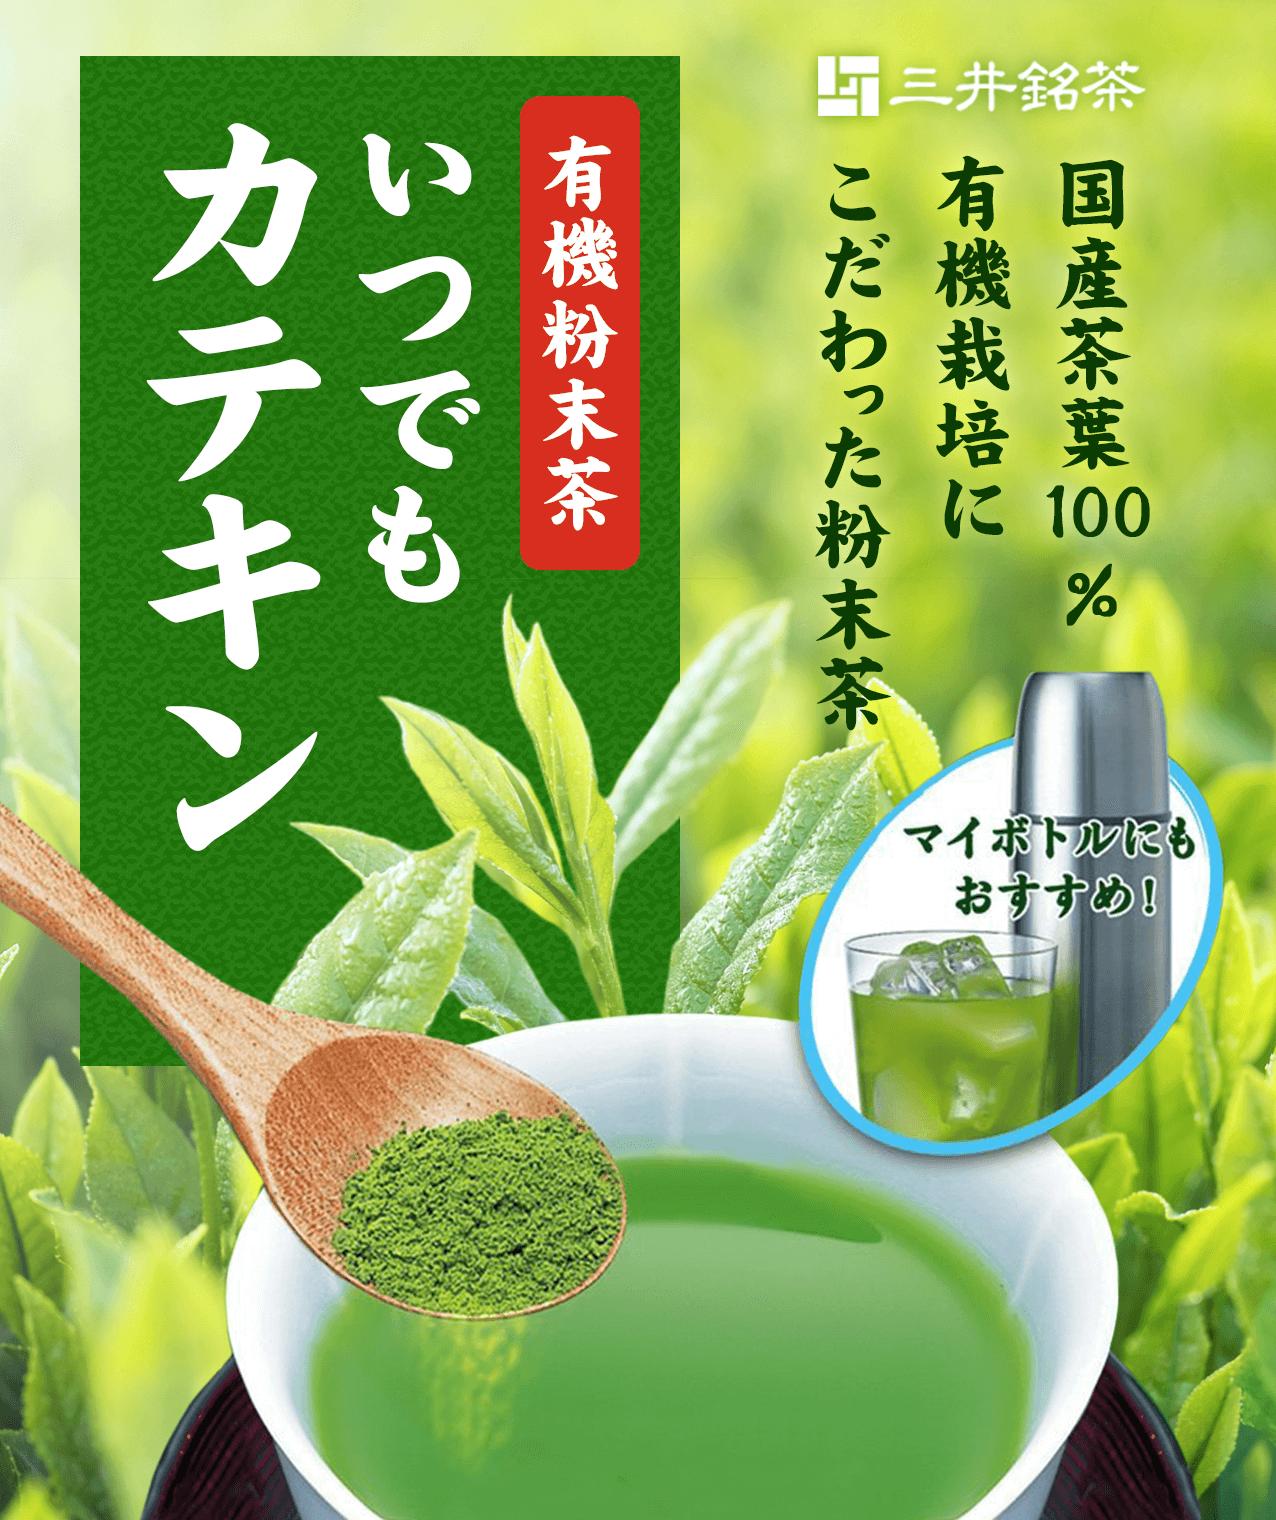 国産茶葉100% 有機栽培にこだわった粉末茶 有機粉末茶 いつでもカテキン